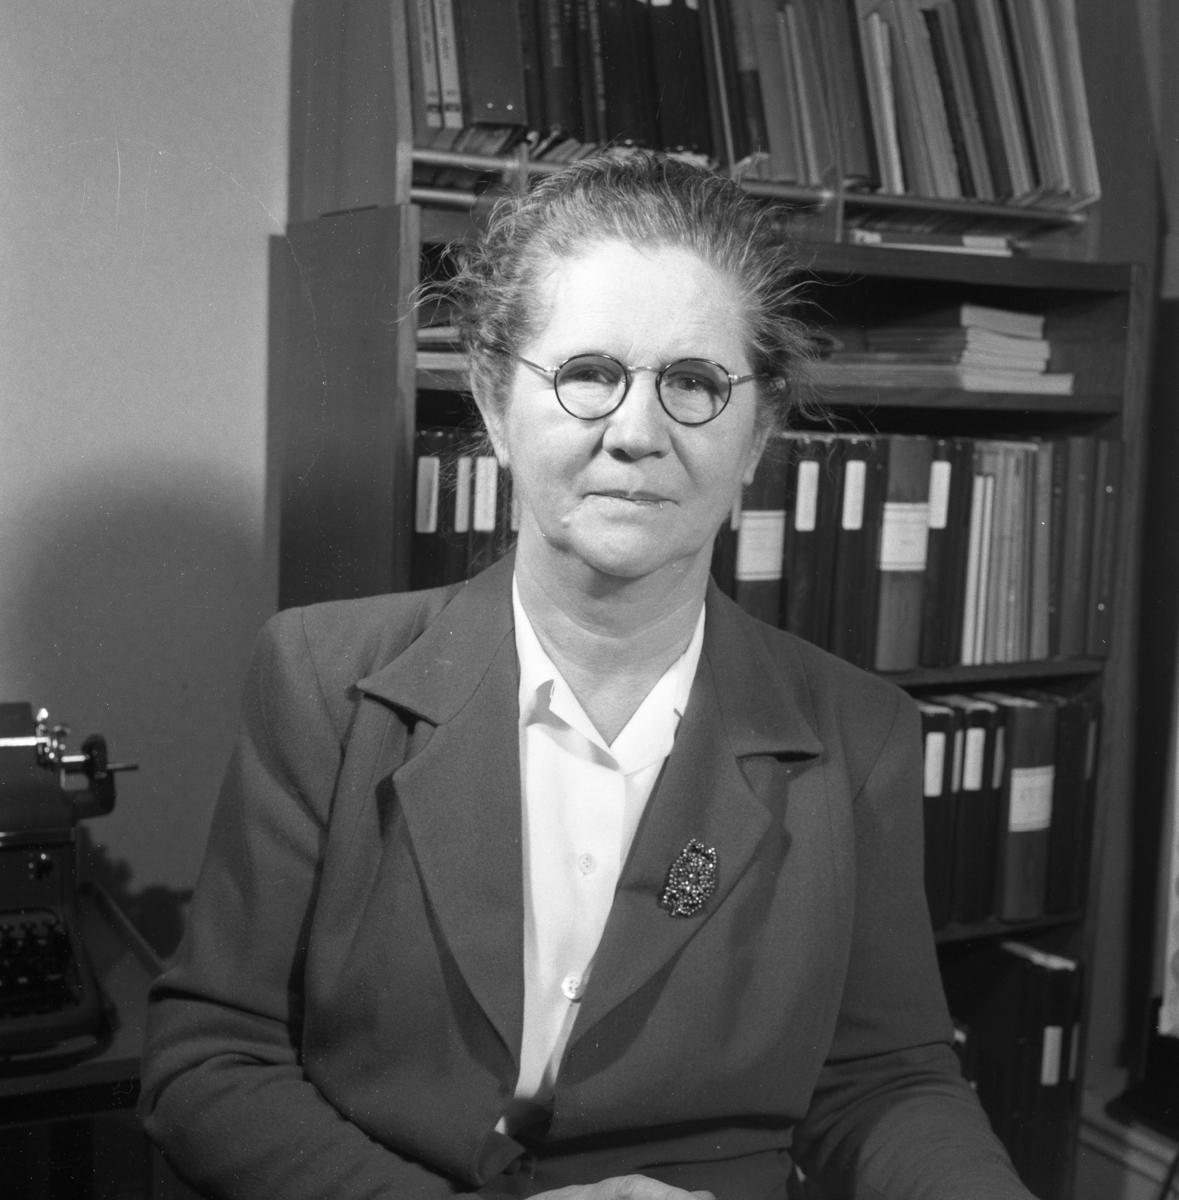 Telekommissarie Eva Geete/Eva Gethe på Televerket, Sohlénska huset, Nygatan. Eva bär glasögon och har en brosch på slaget på dräktjackan. Bakom henne skymtar en skrivmaskin och en bokhylla. Läs om Televerket och branden 1956 i Arboga Minnes årsbok 1993. Porträtt.